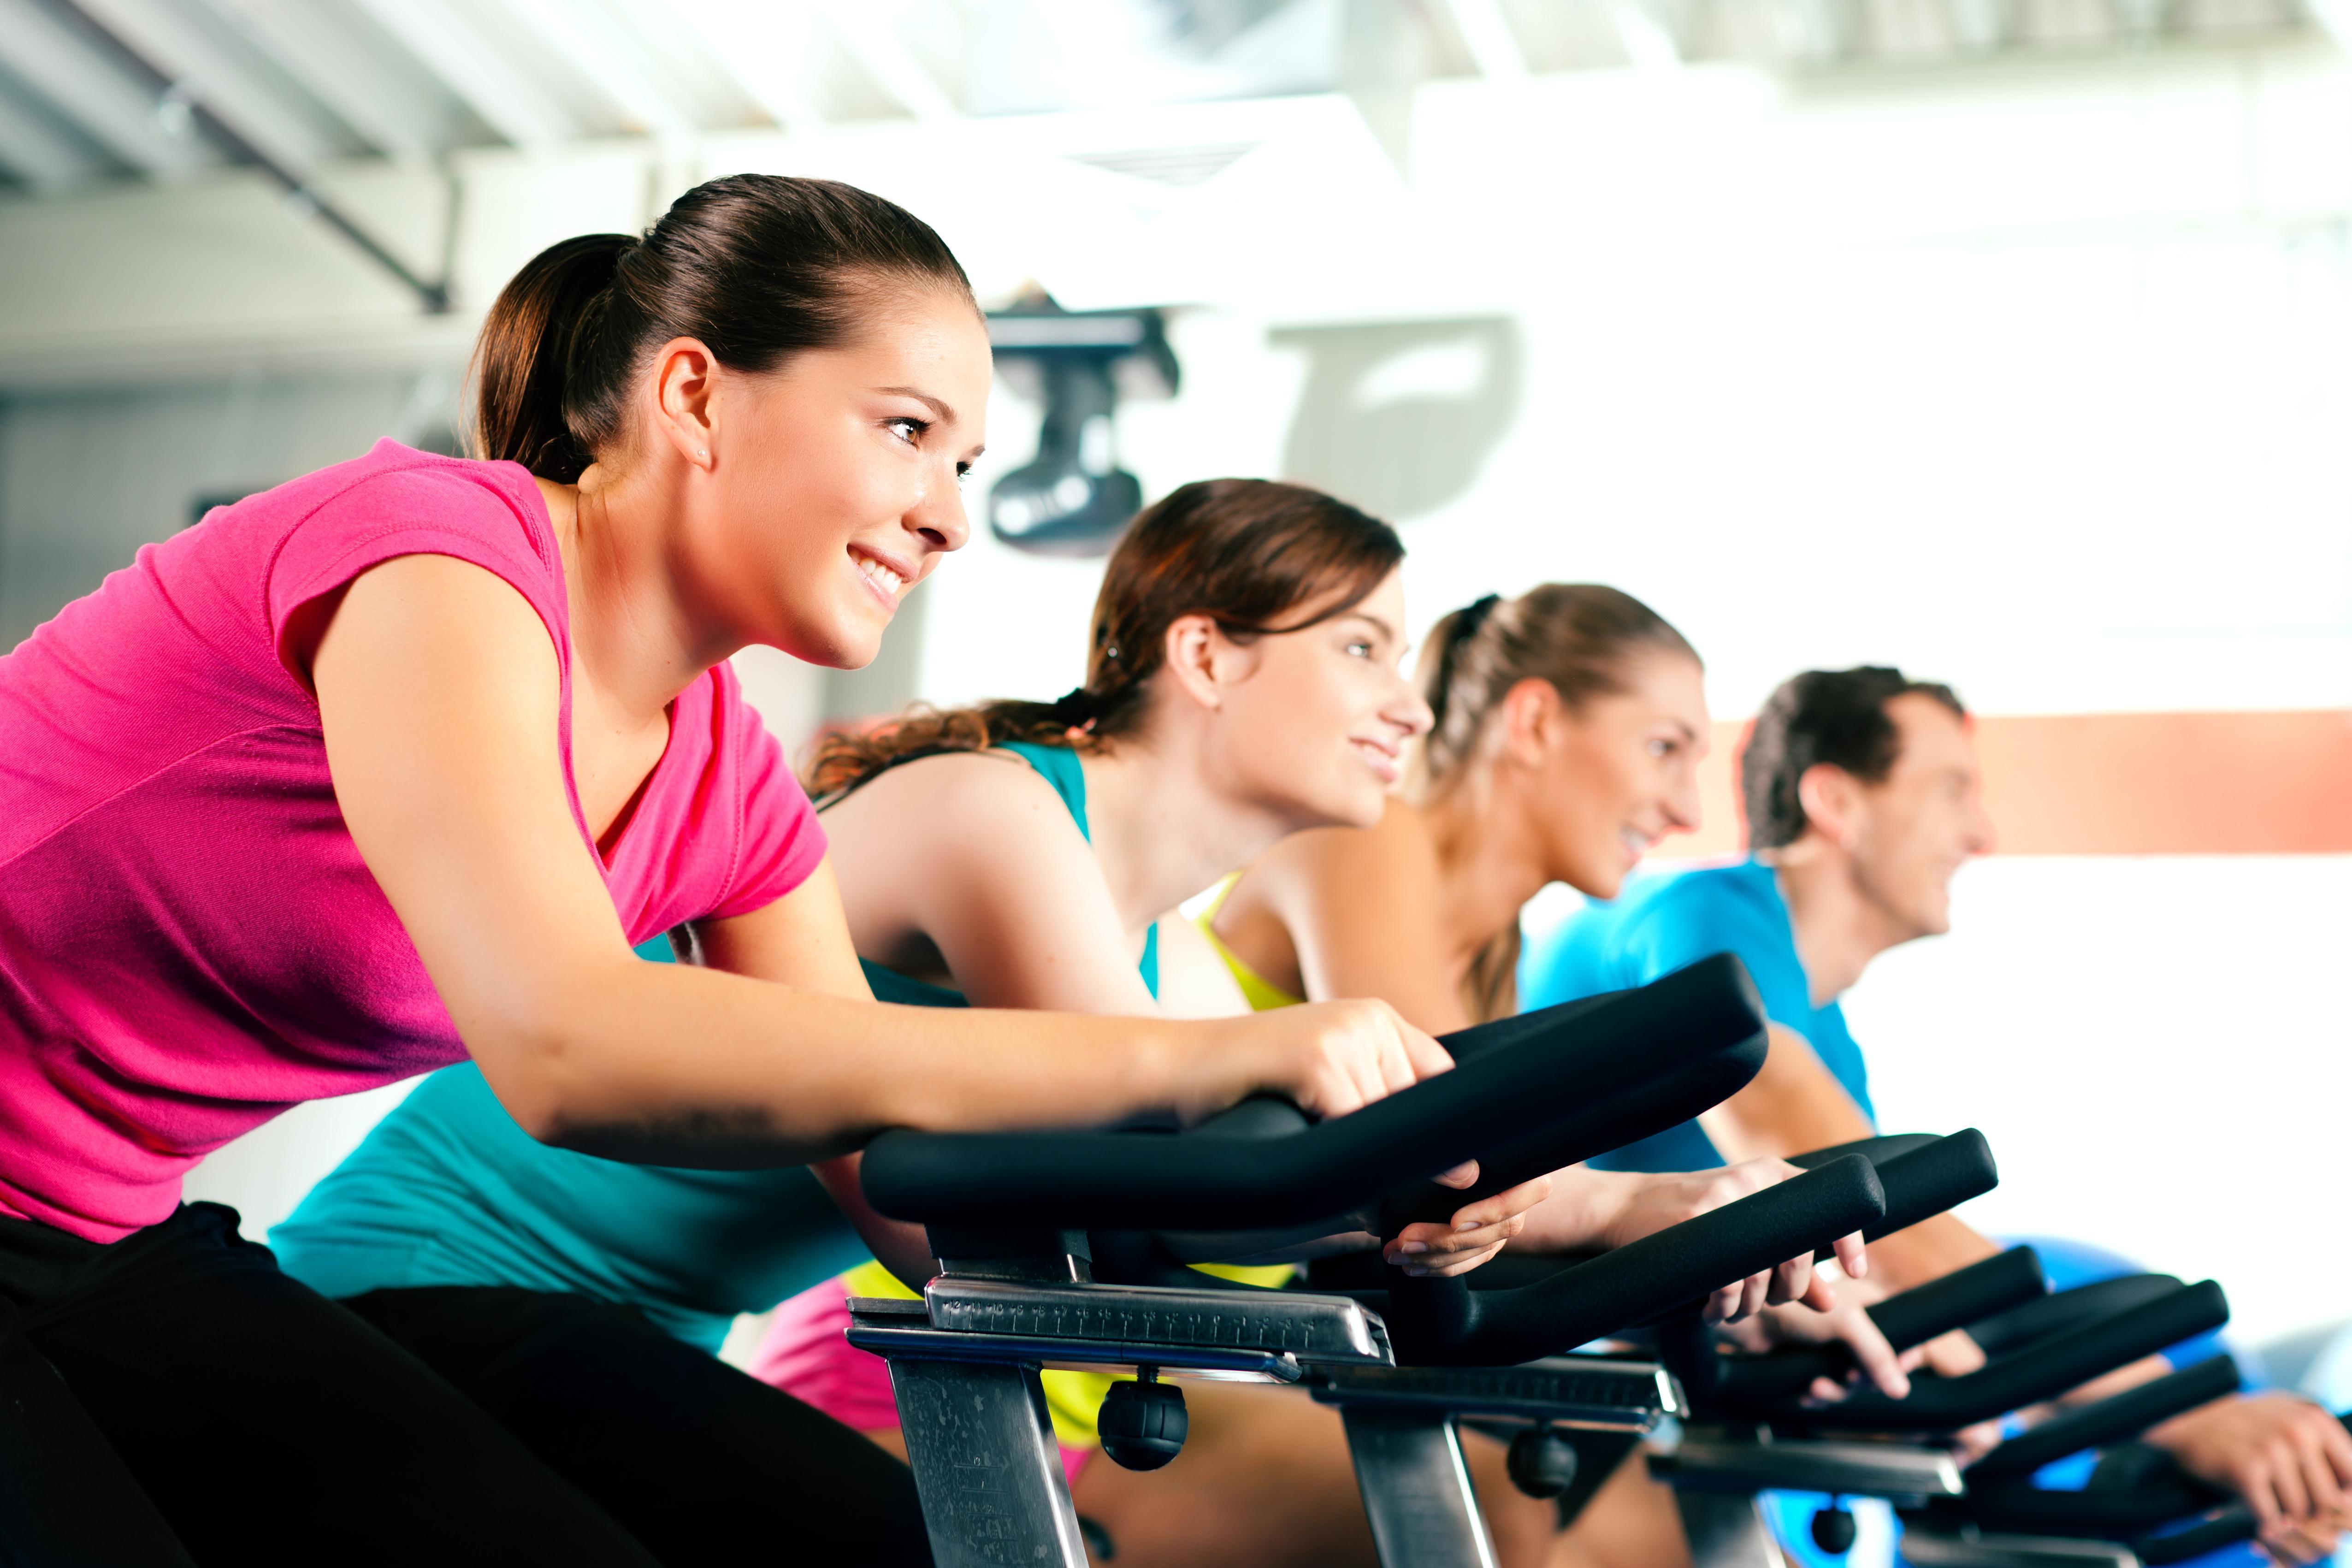 Exercícios para Emagrecer – Dicas de Exercício para Emagrecer e como Perder Peso